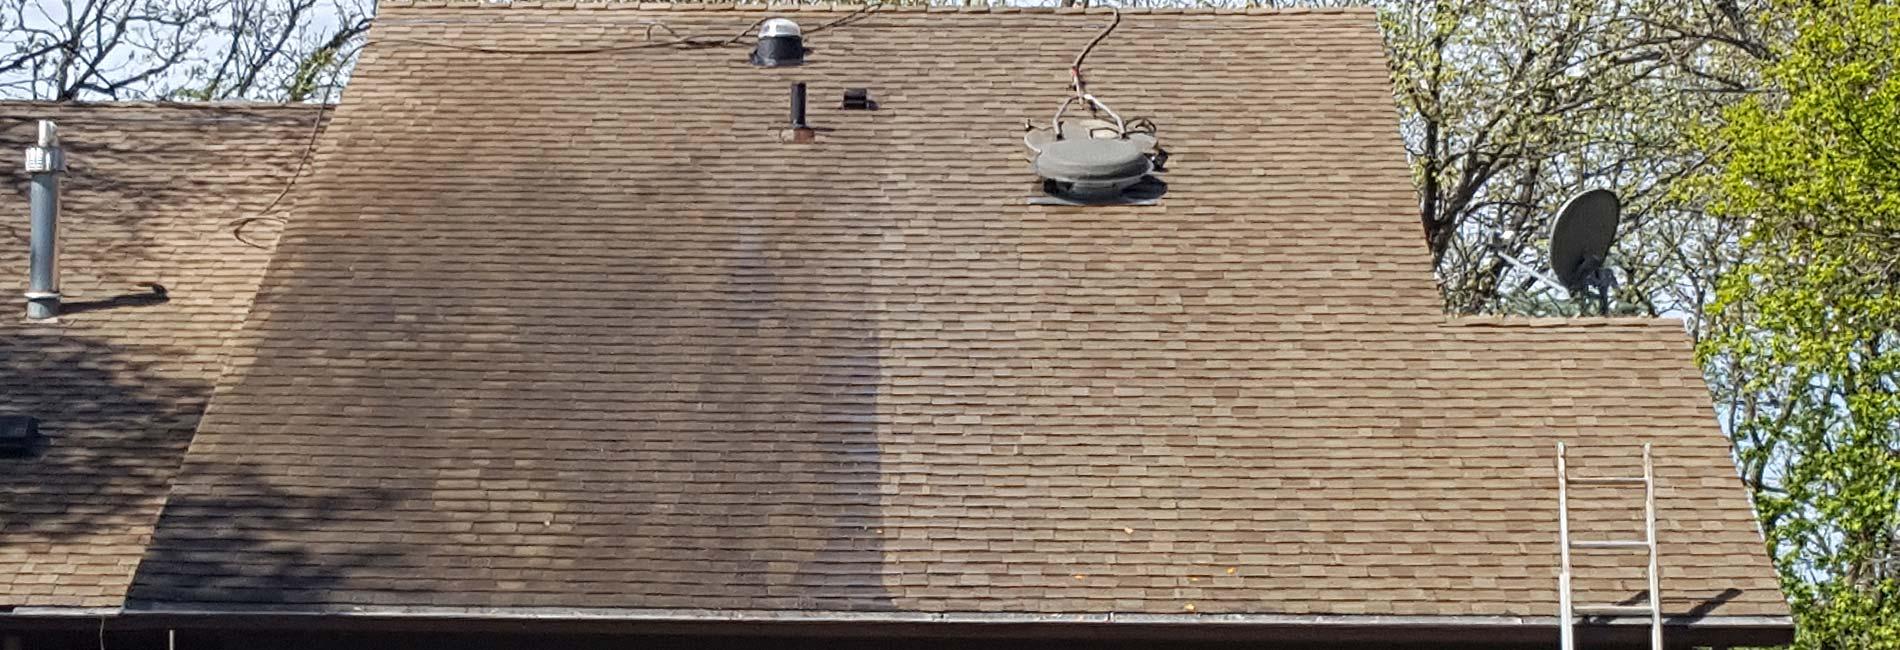 roof-shampoo